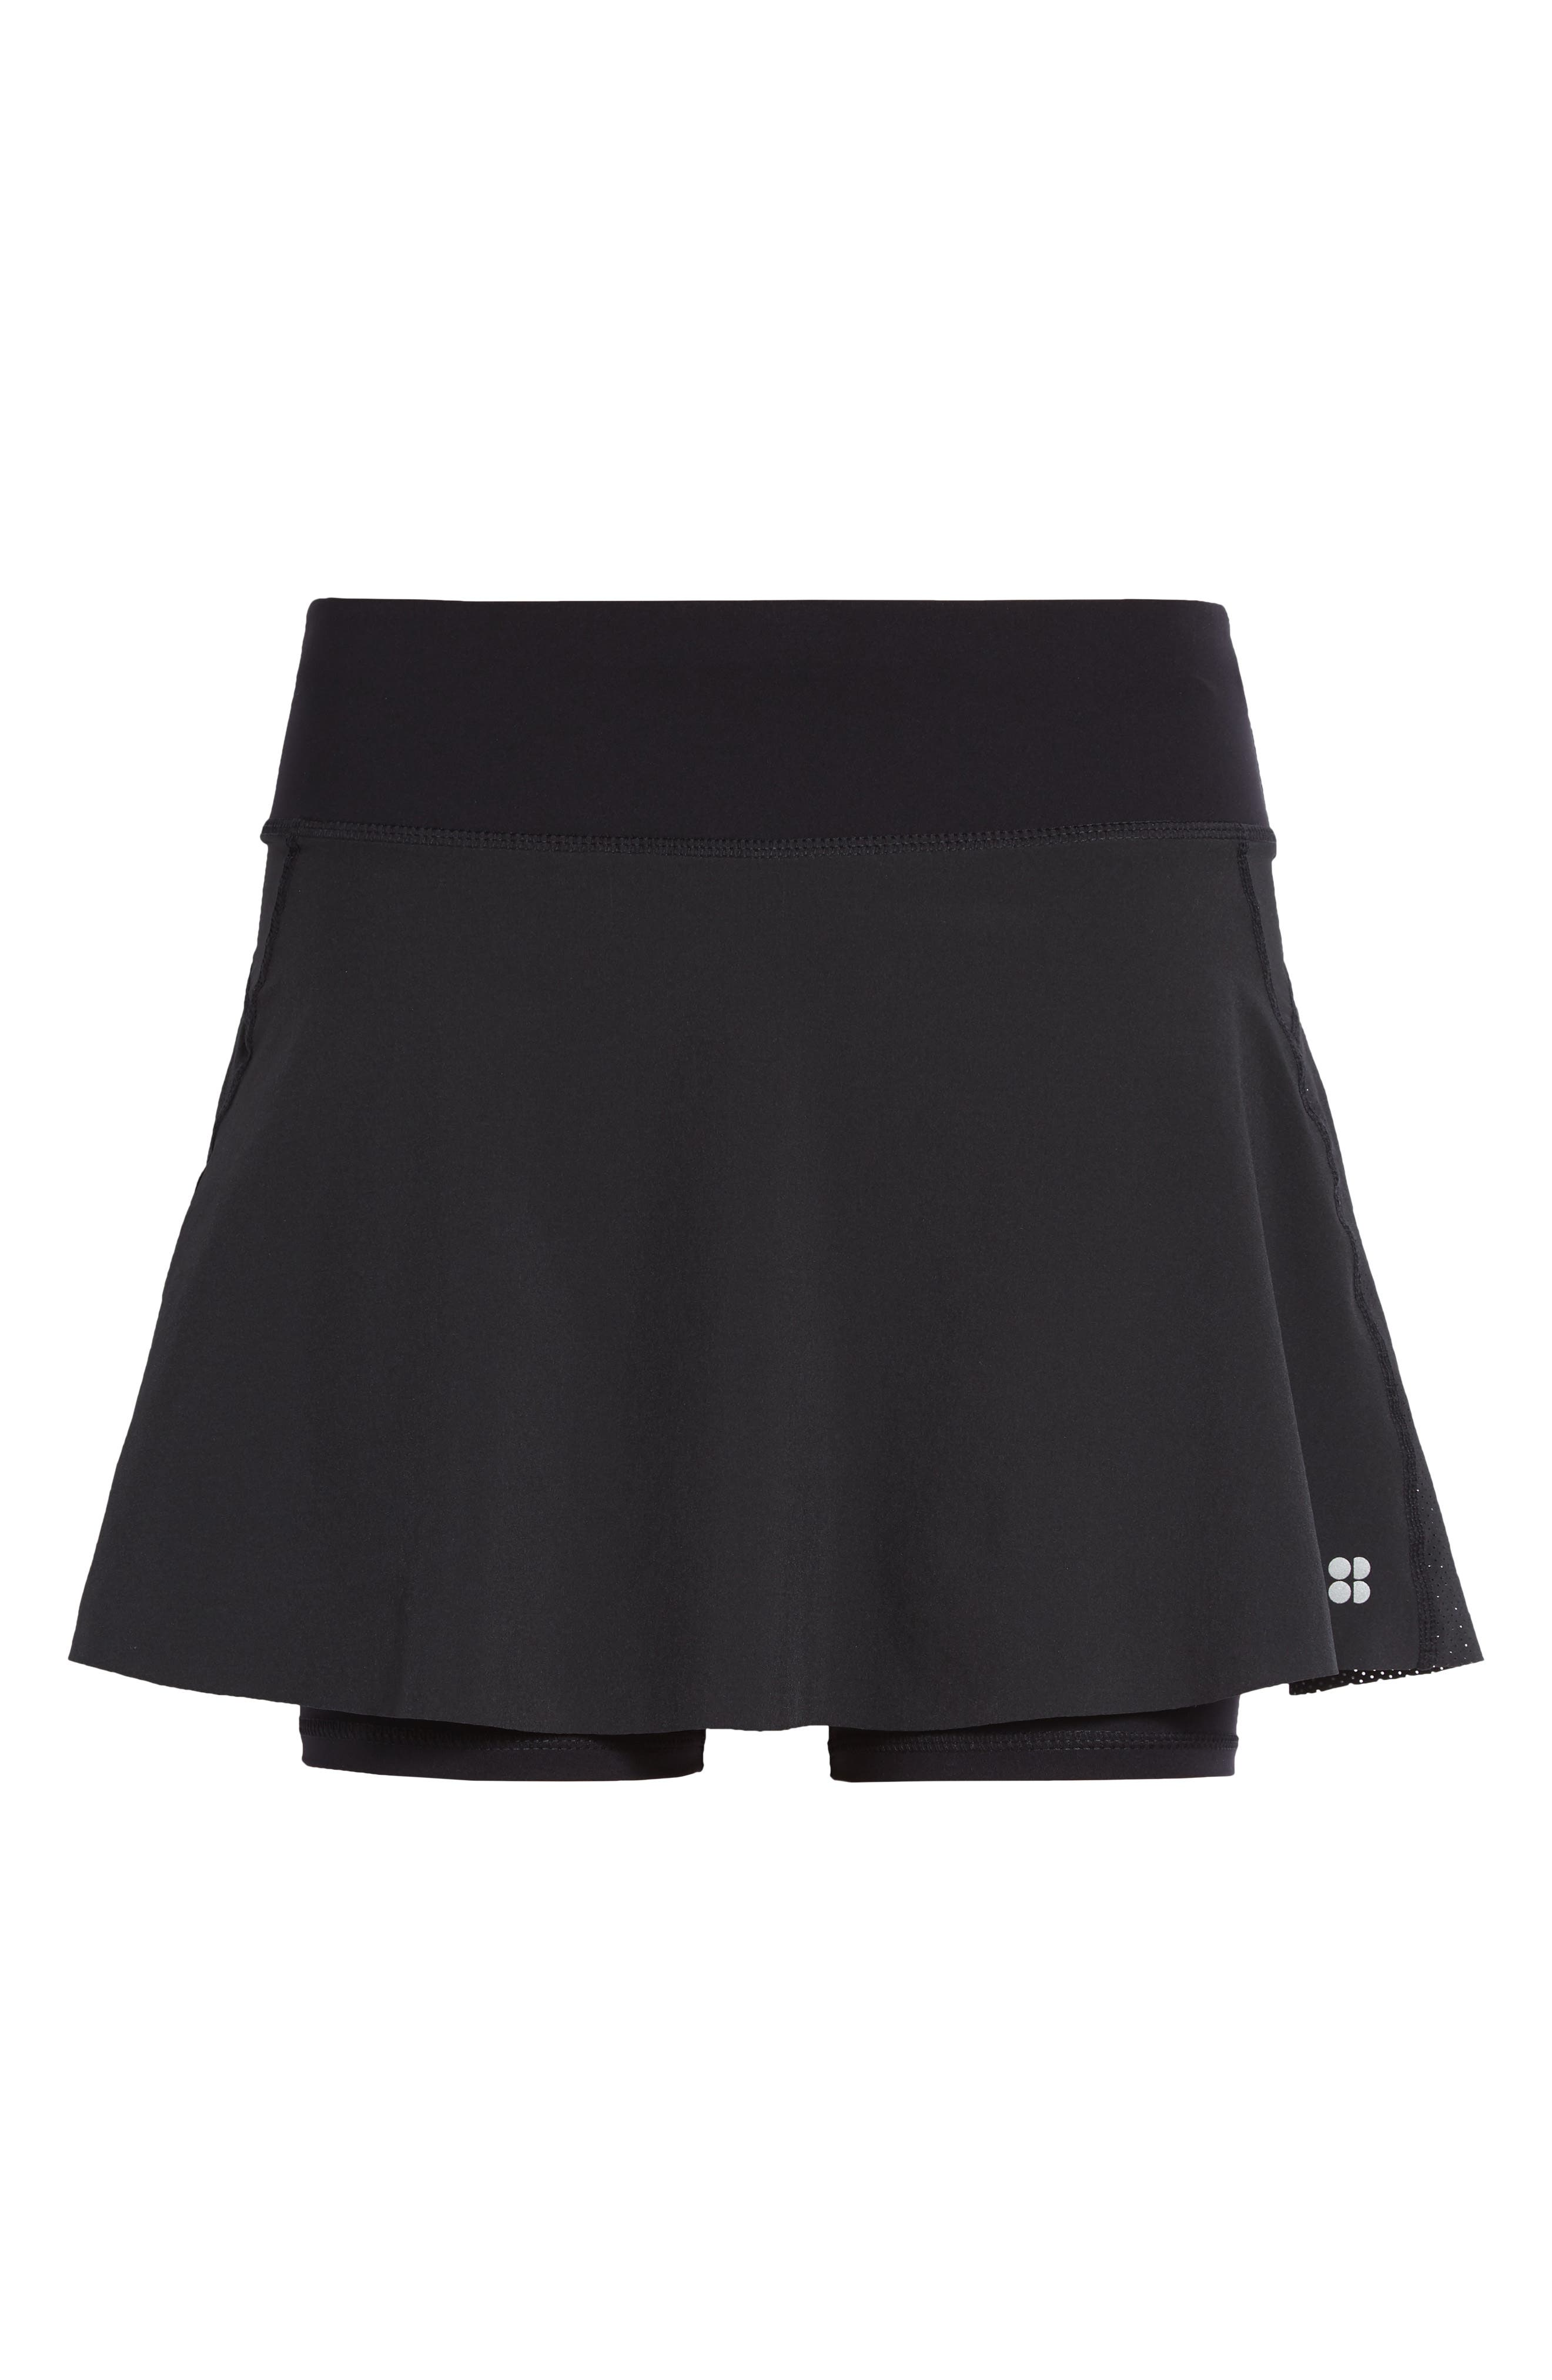 Women's Sweaty Betty Swift Tennis Skort